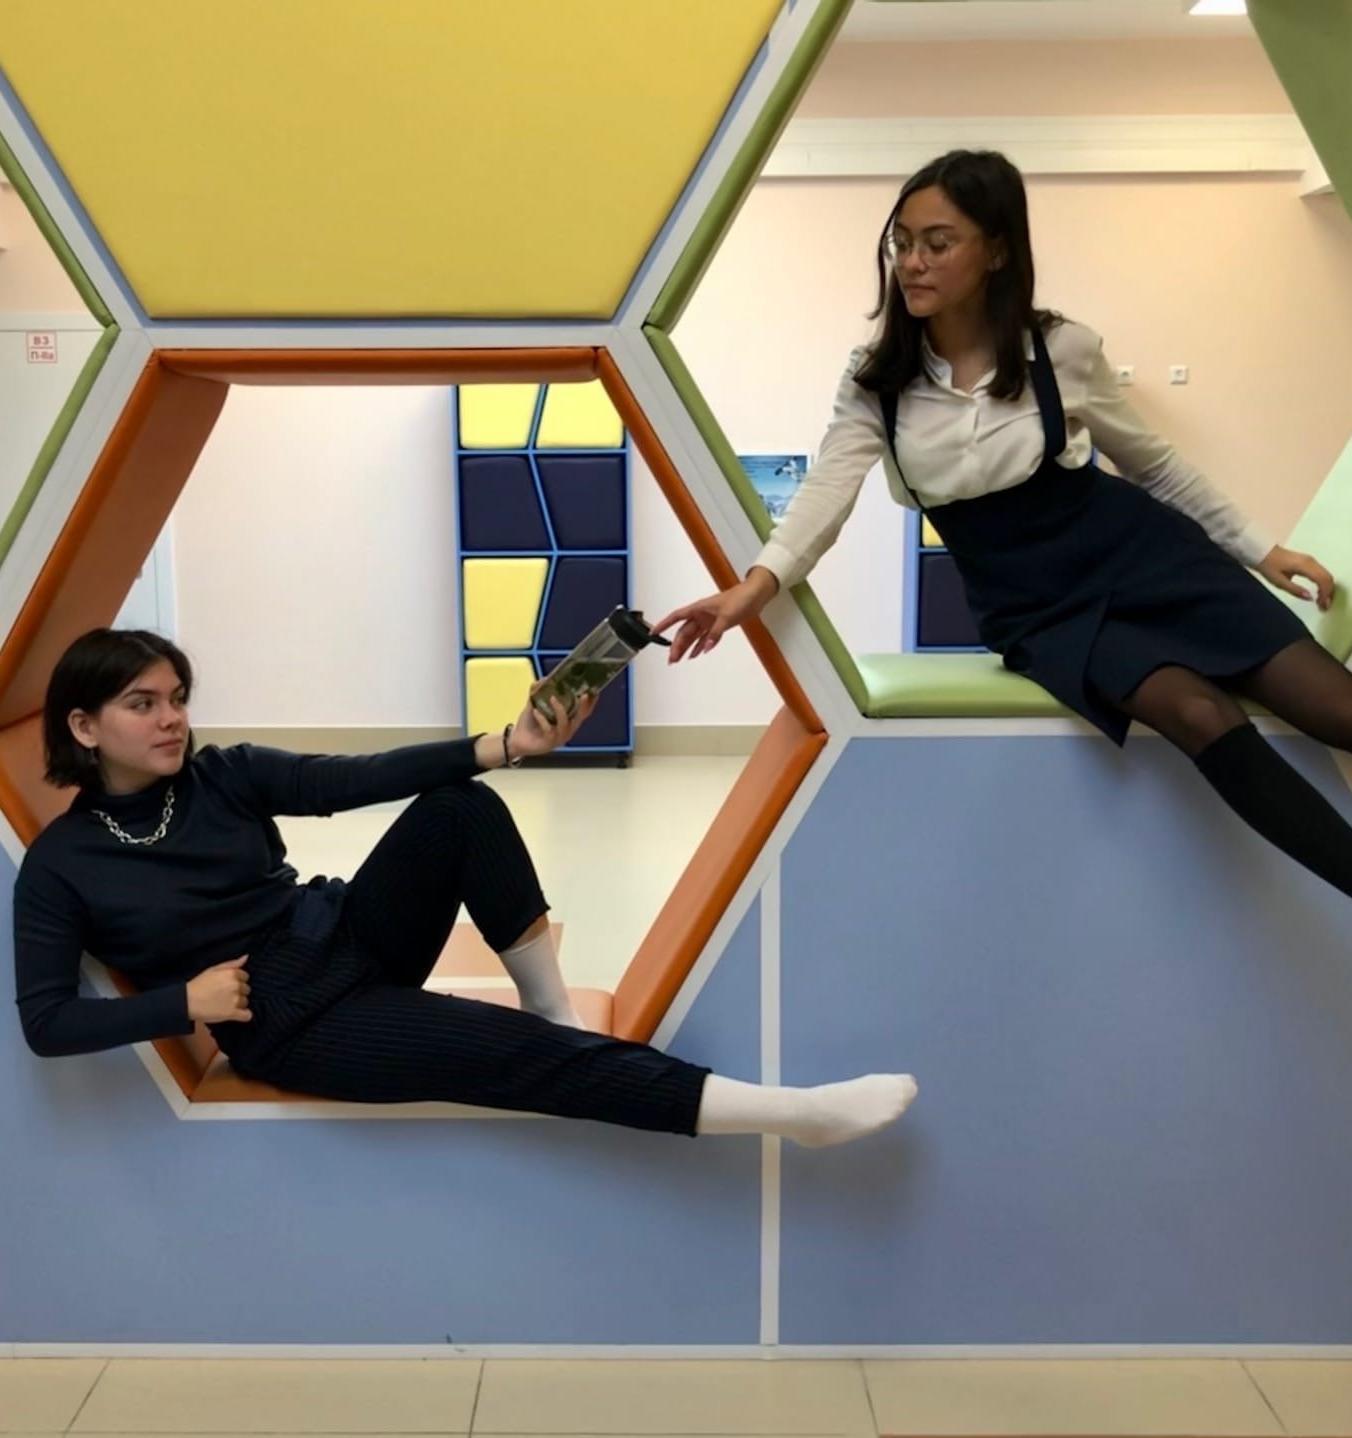 Петербургские школьники подали пример экологичного поведения